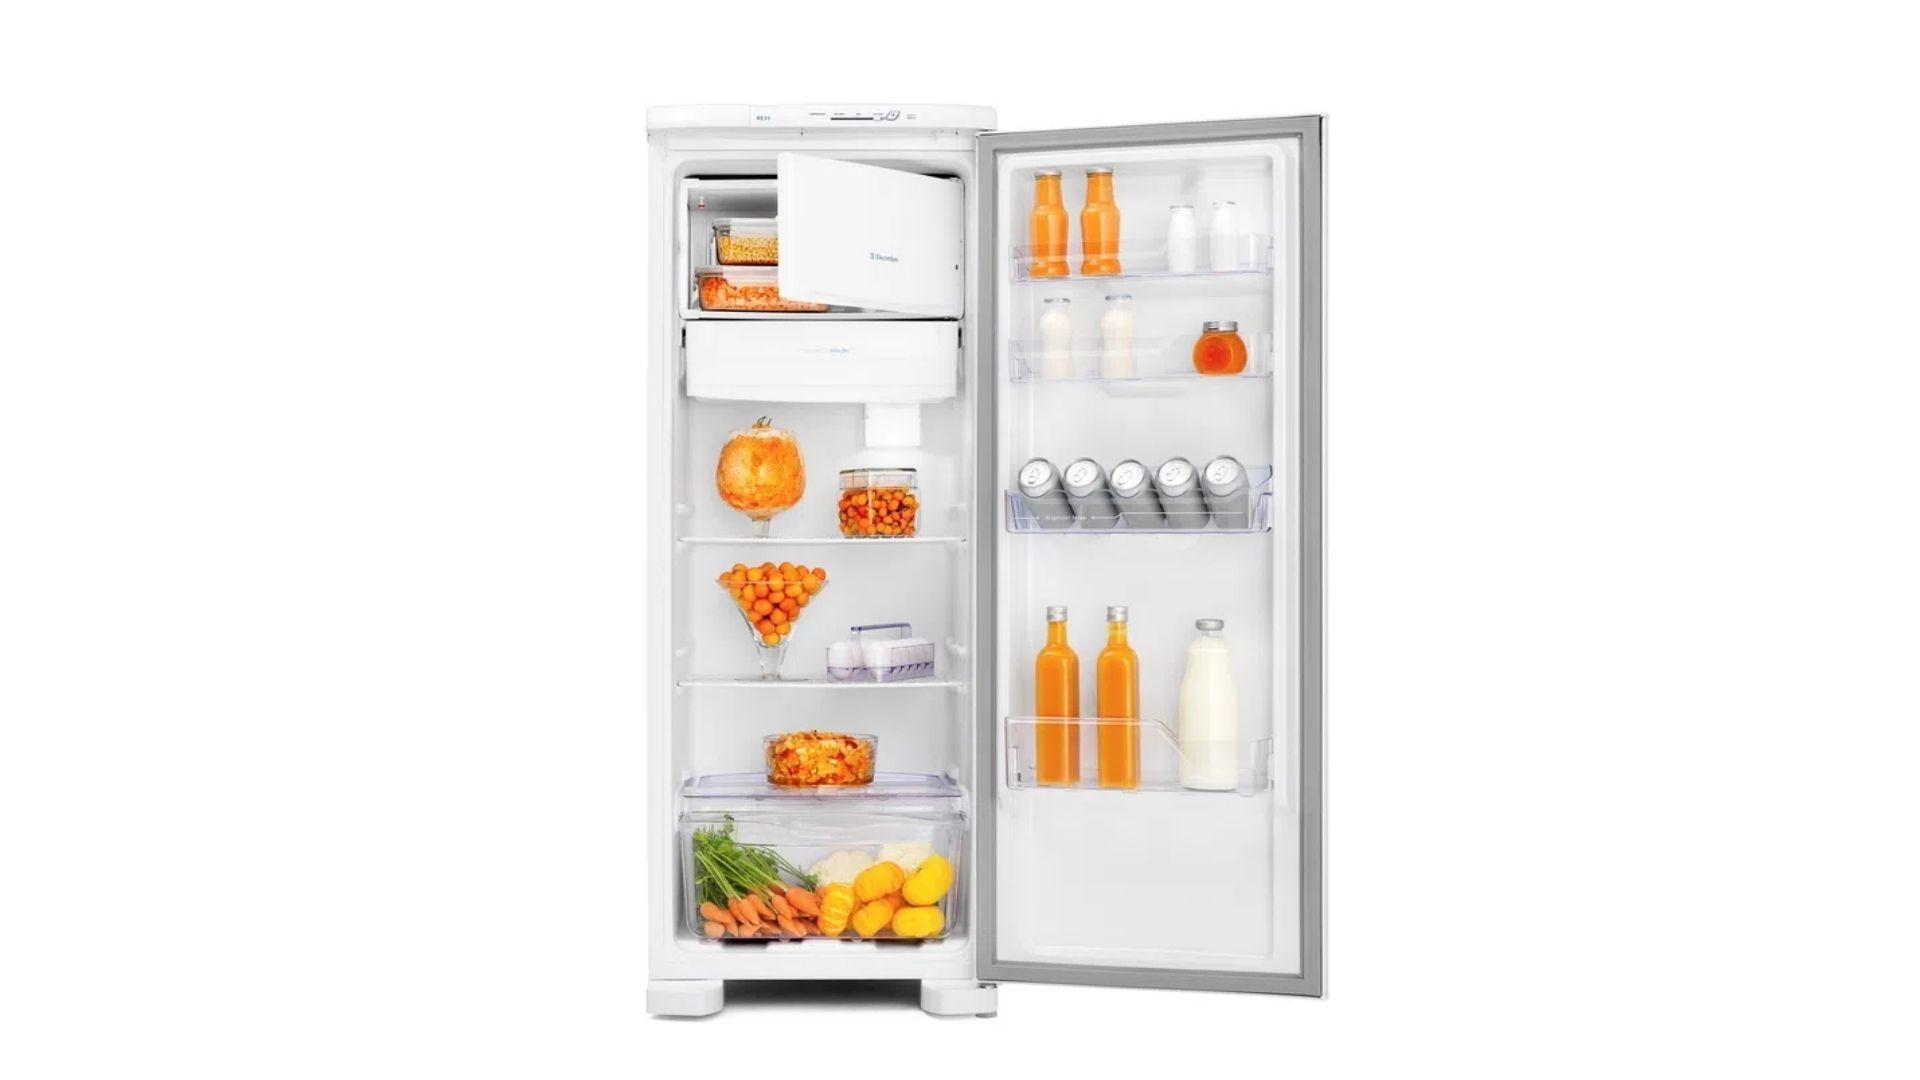 A geladeira Electrolux RE31 possui congelador na parte interna. (Imagem: Divulgação/Electrolux)